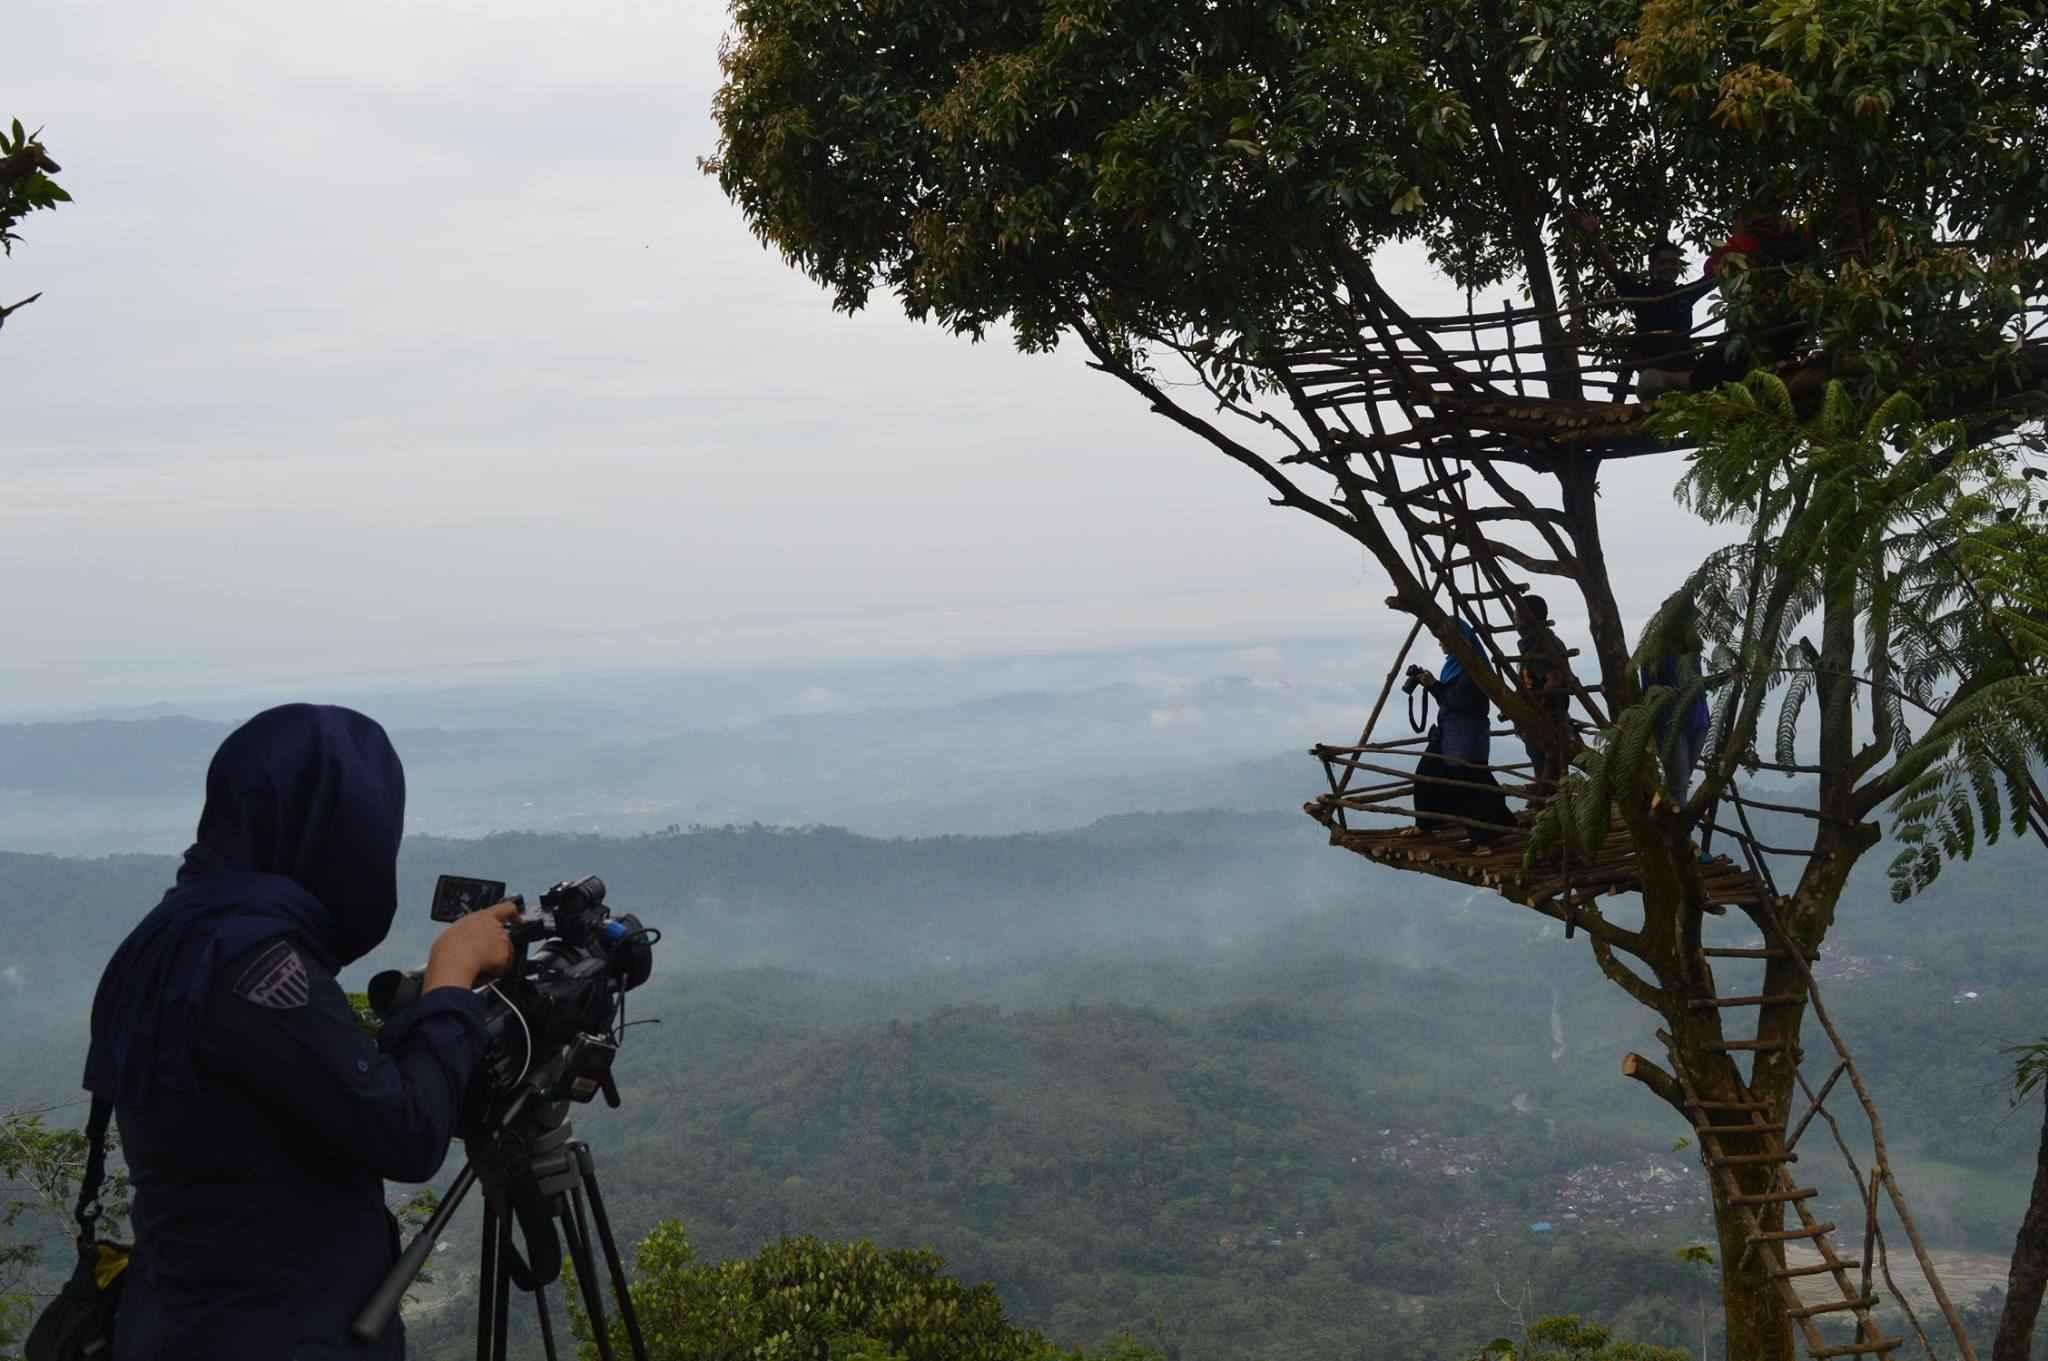 Igir Wringin Destinasi Wisata Purbalingga Portal Dowisata Rumah Pohon Kab